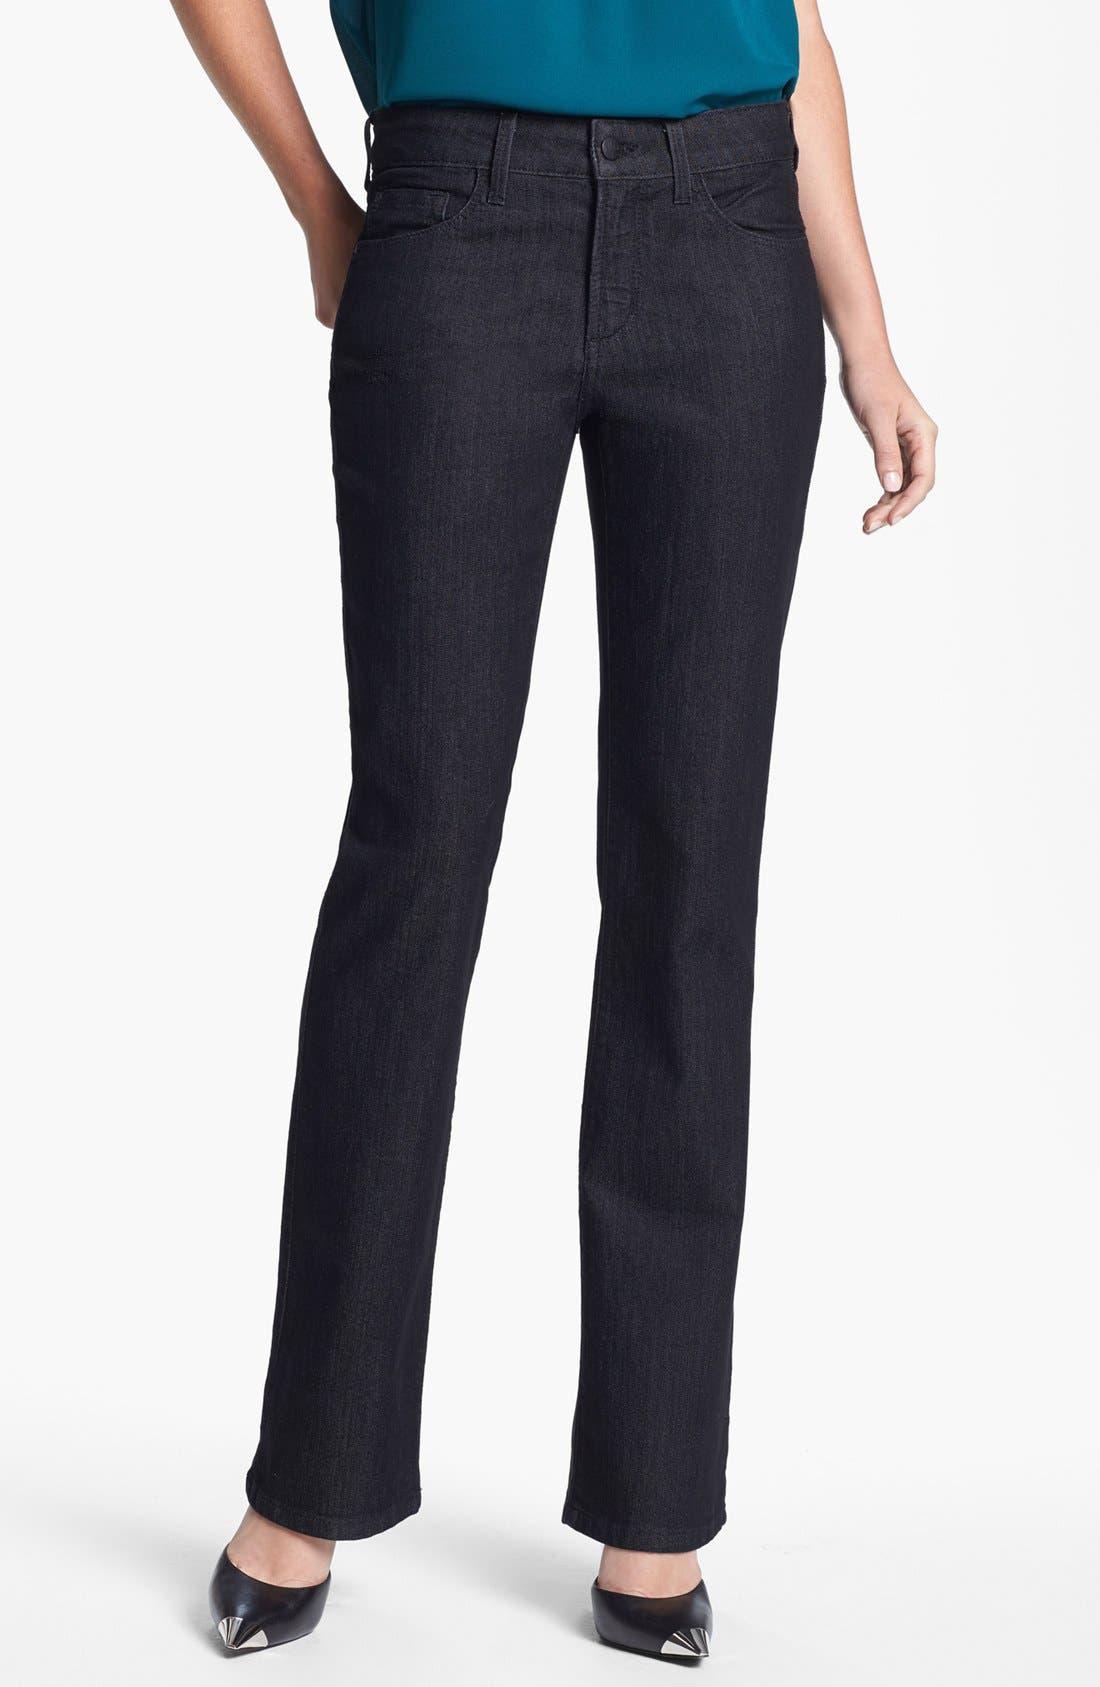 Alternate Image 1 Selected - NYDJ 'Barbara' Embellished Pocket Stretch Bootcut Jeans (Dark Enzyme)